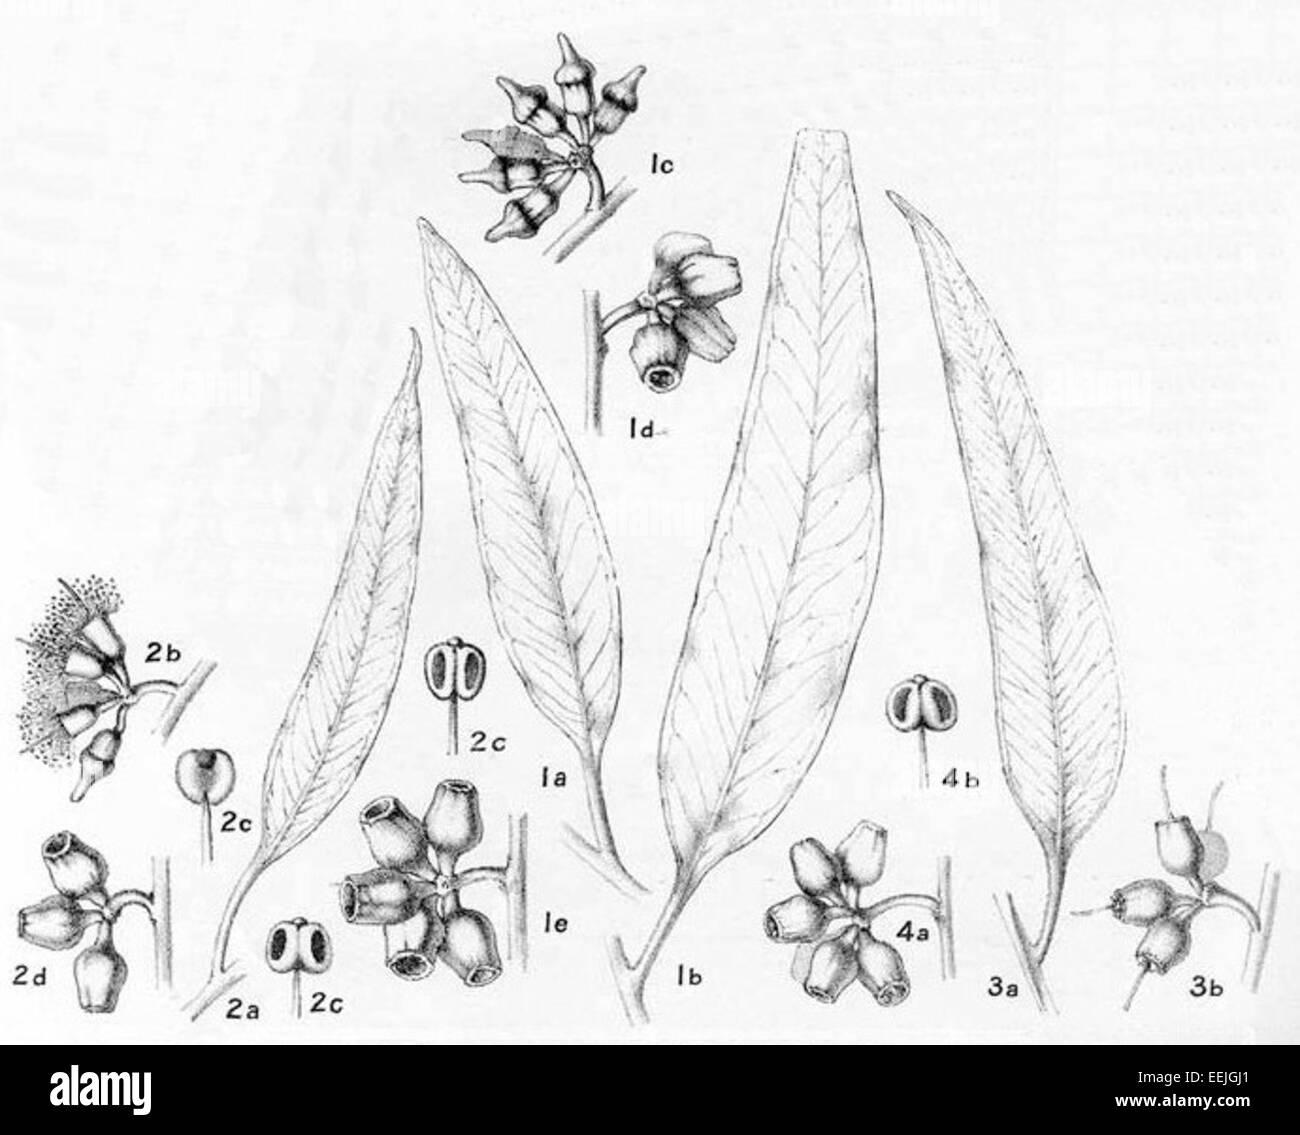 Eucalyptus flocktoniae - Stock Image